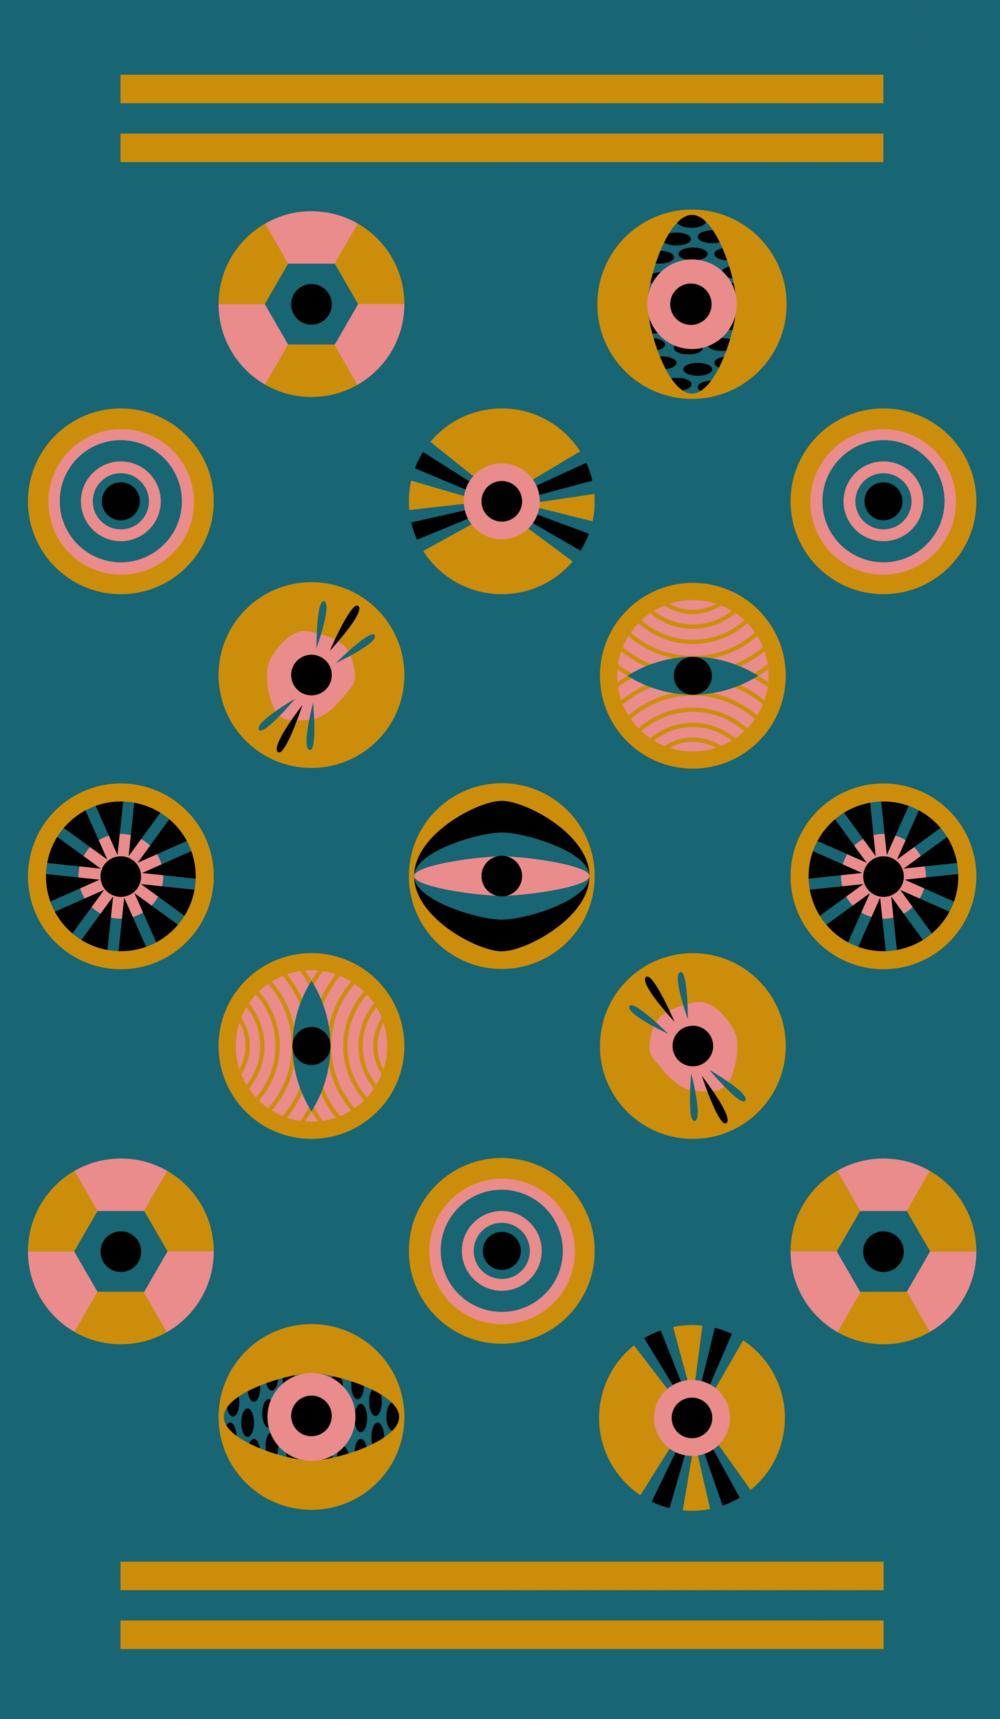 pattern designed for socks